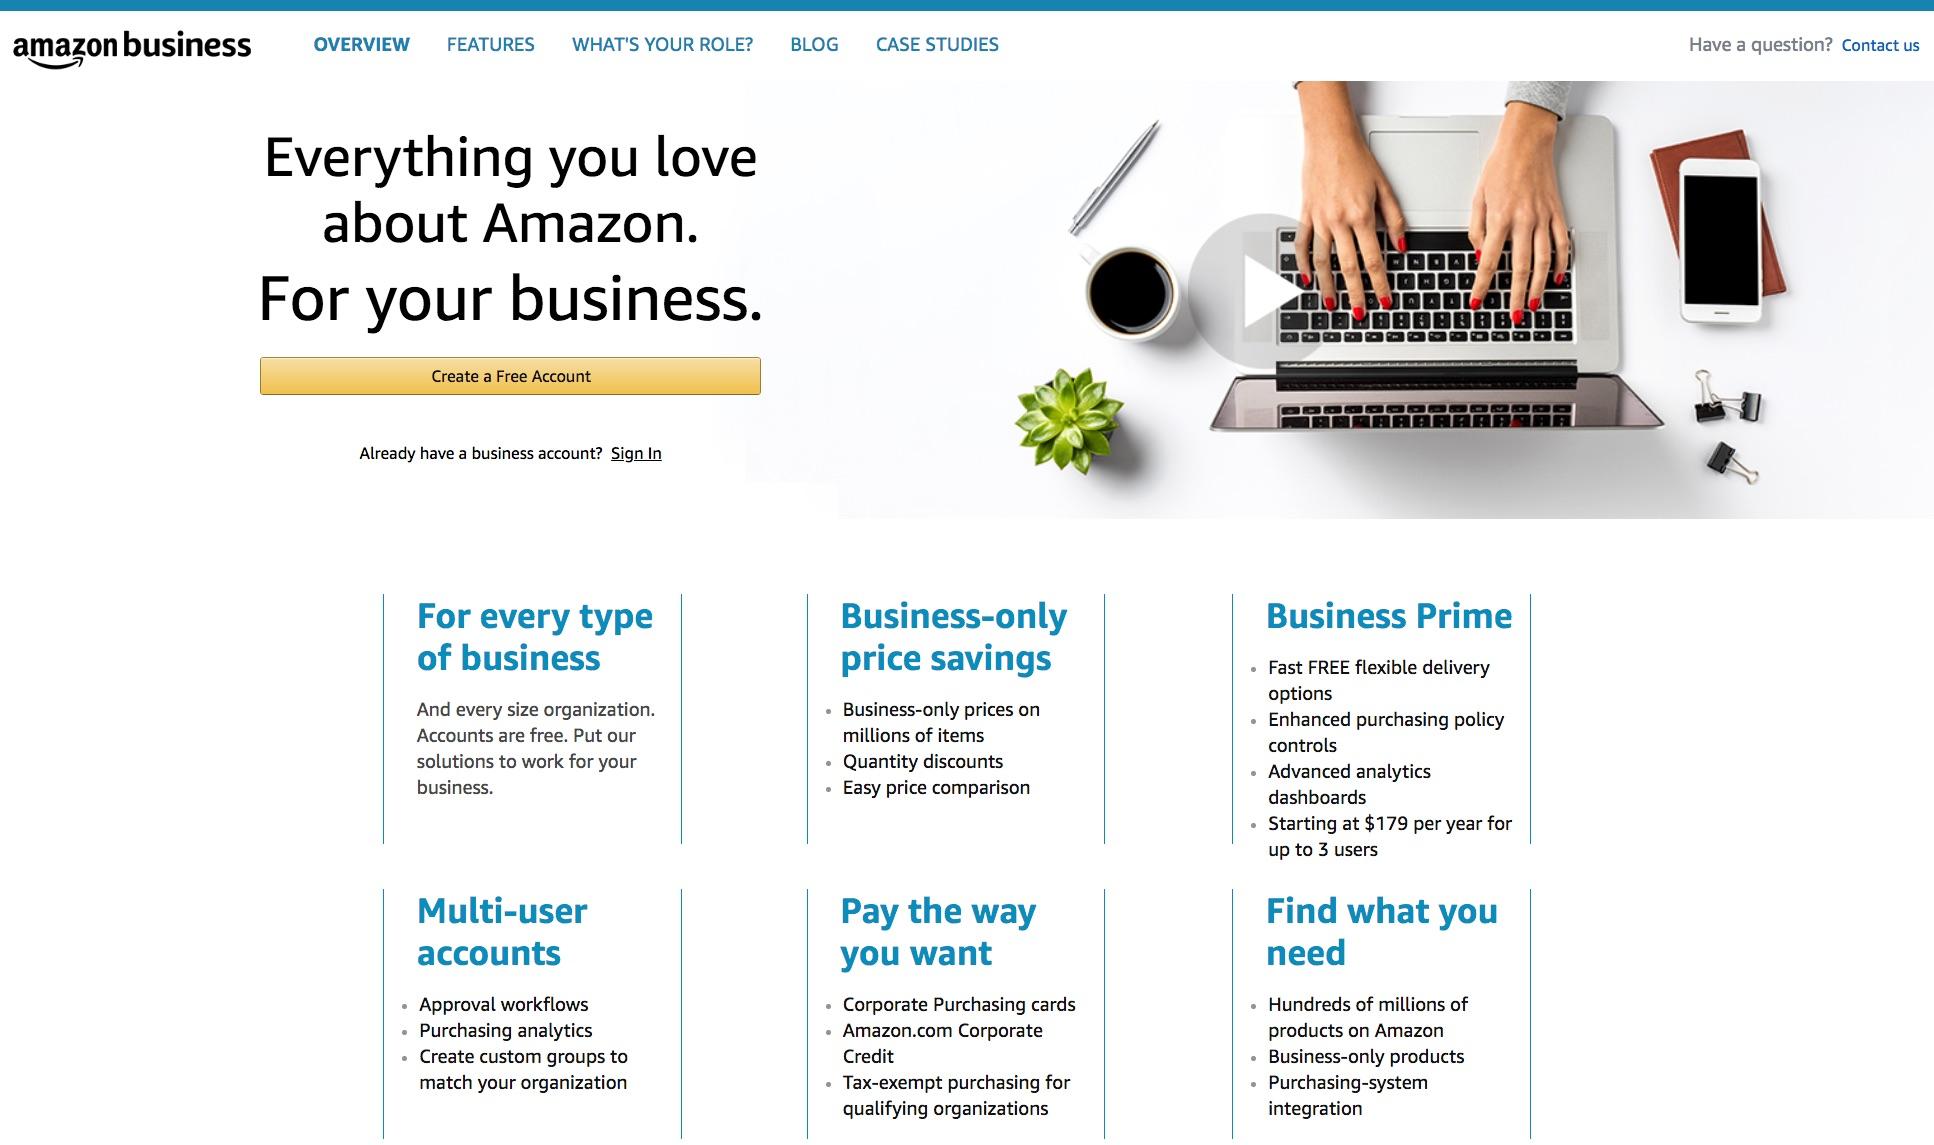 Amazon Business homepage